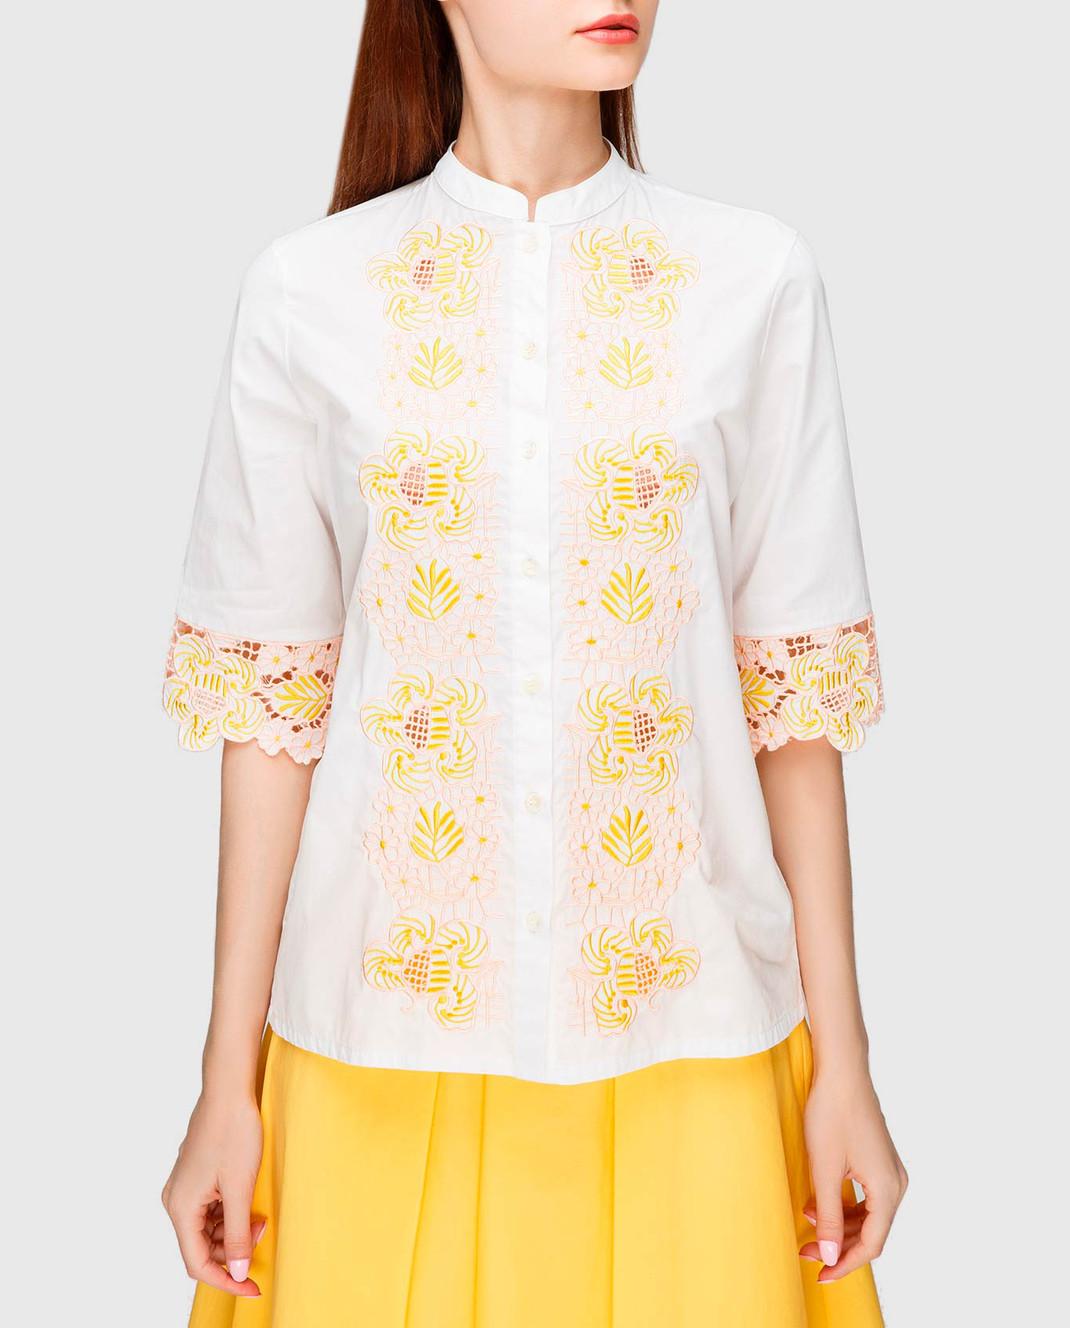 Etro Белая блуза с вышивкой D15180 изображение 3